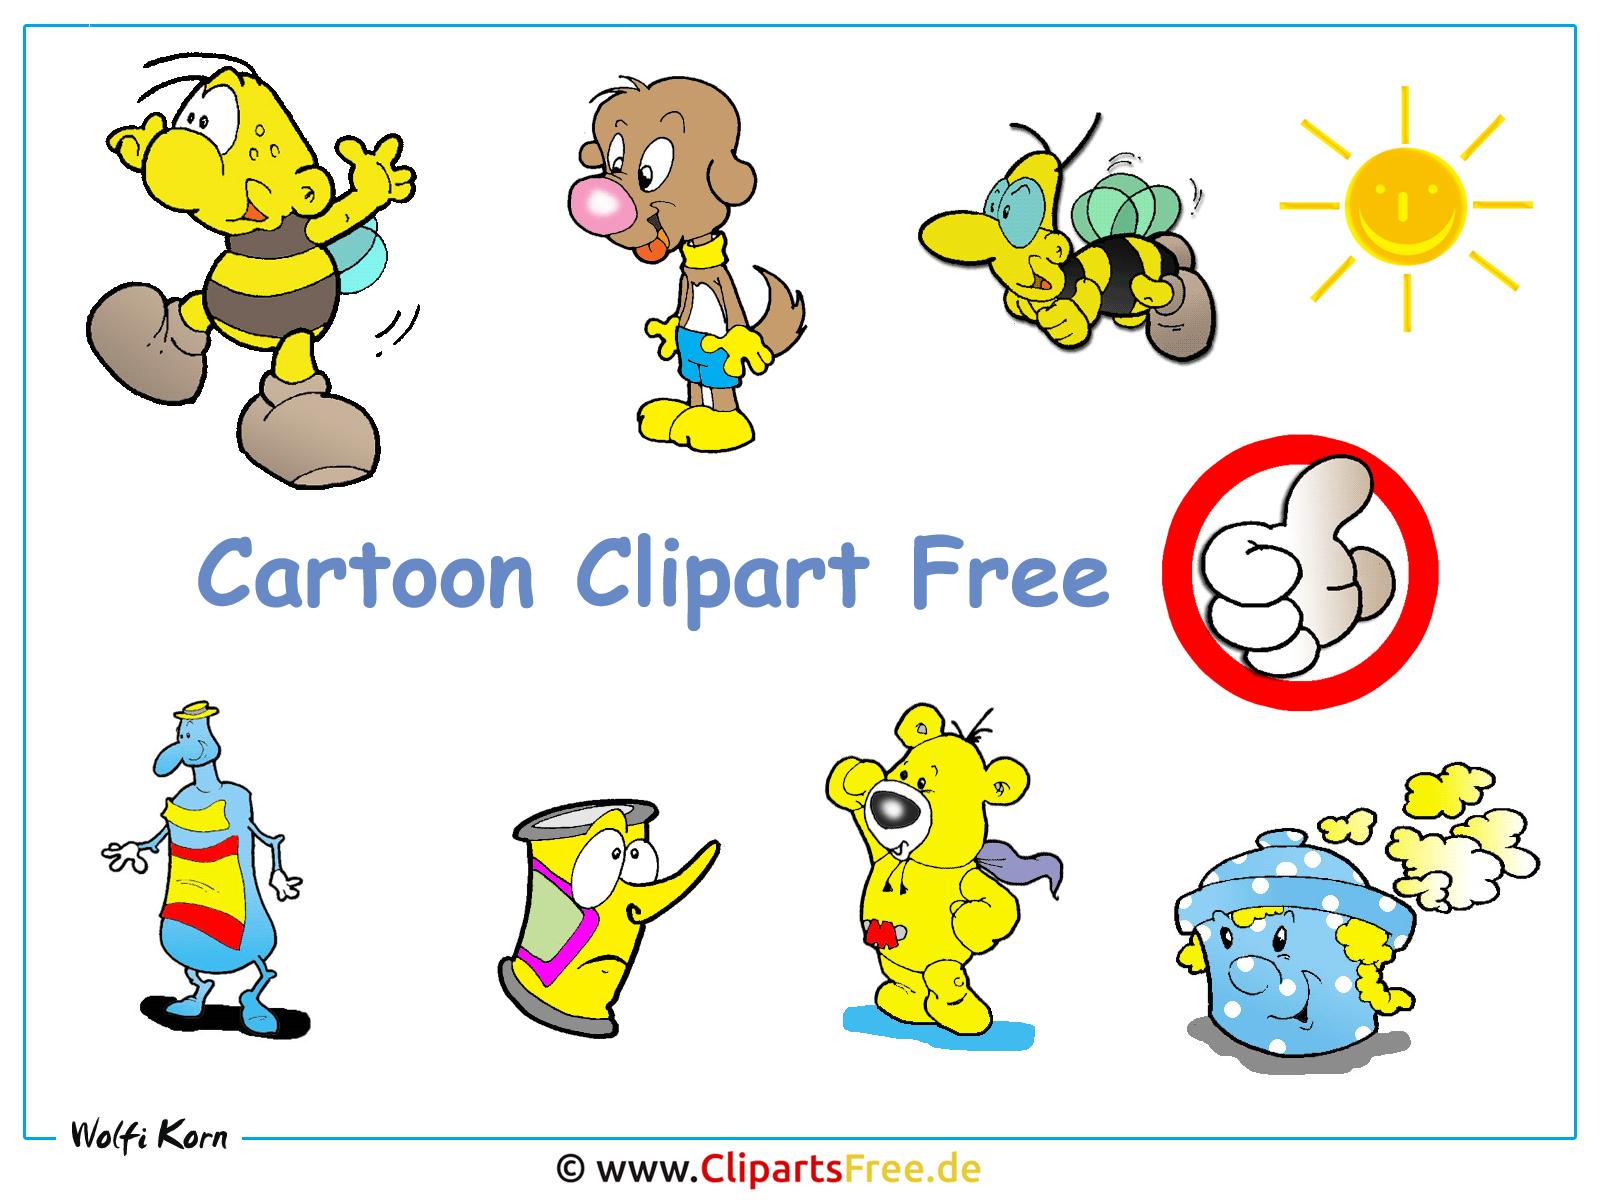 Cliparts kostenlos im Cartoonstil - Kostenloses Hintergrundbild